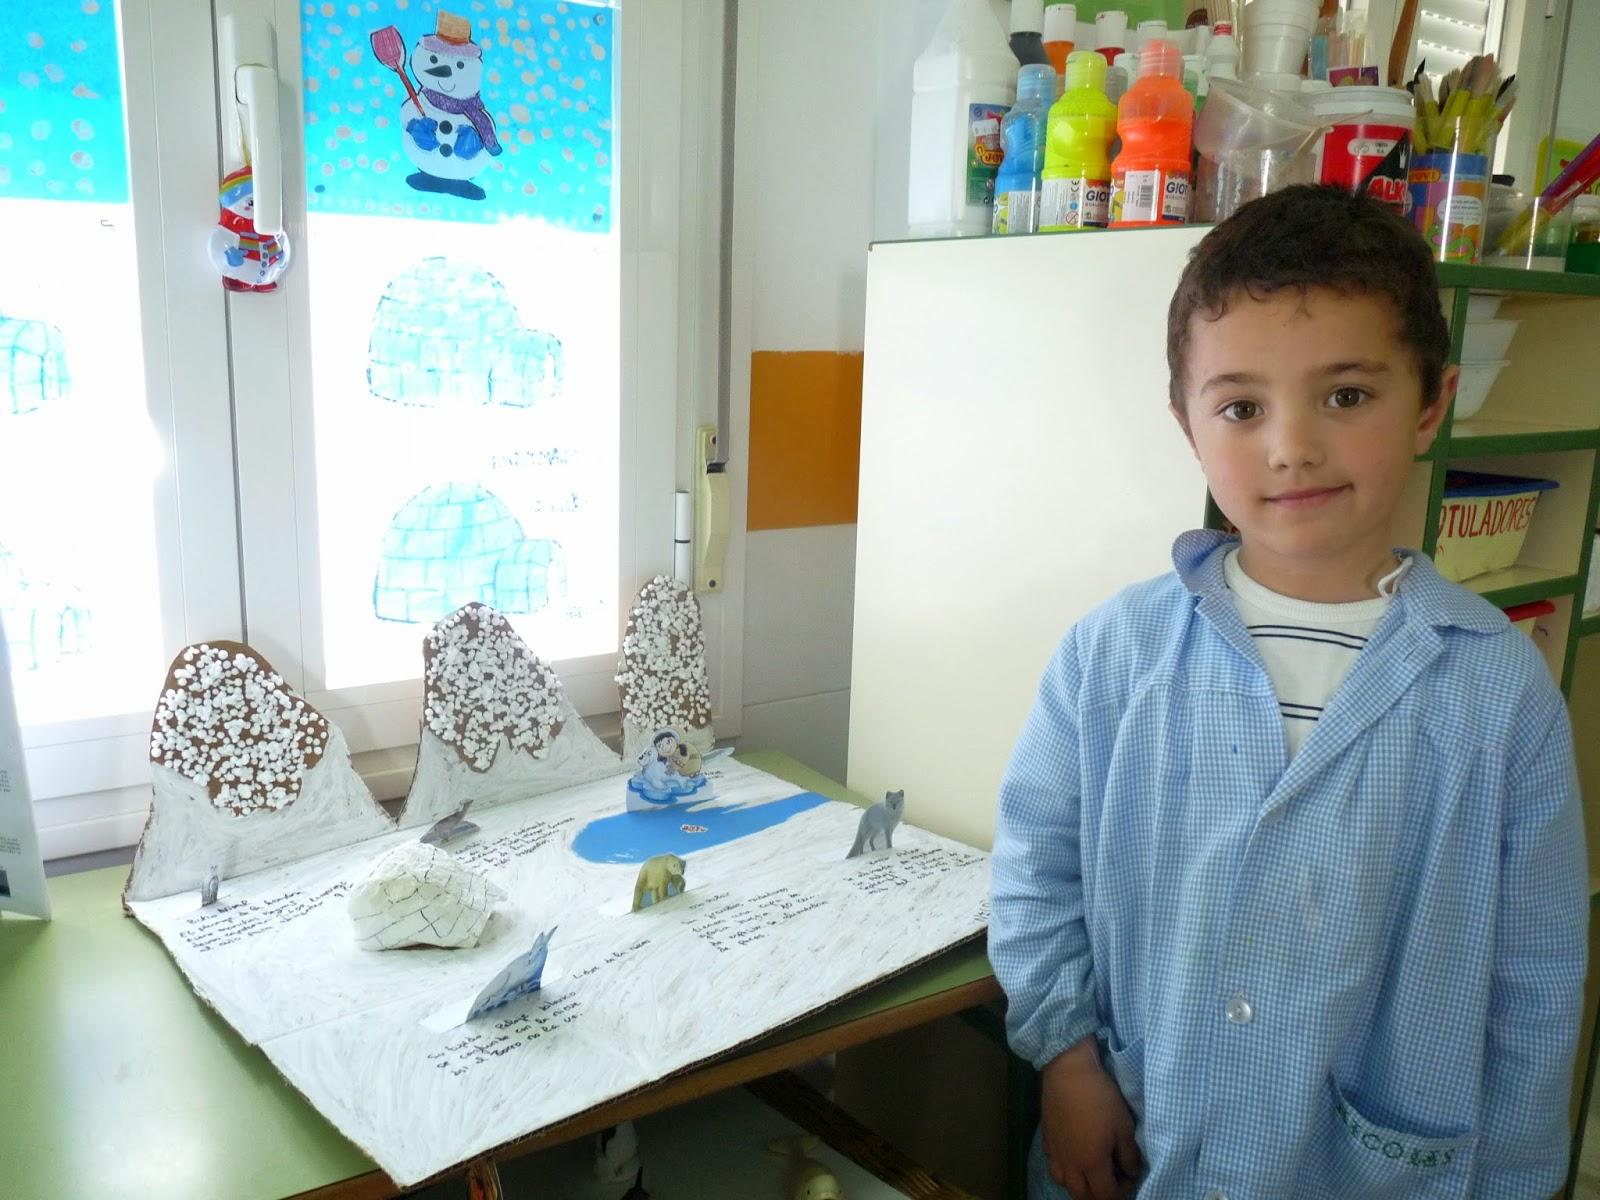 Infantilesyfelices proyecto invierno - Proyecto el invierno ...